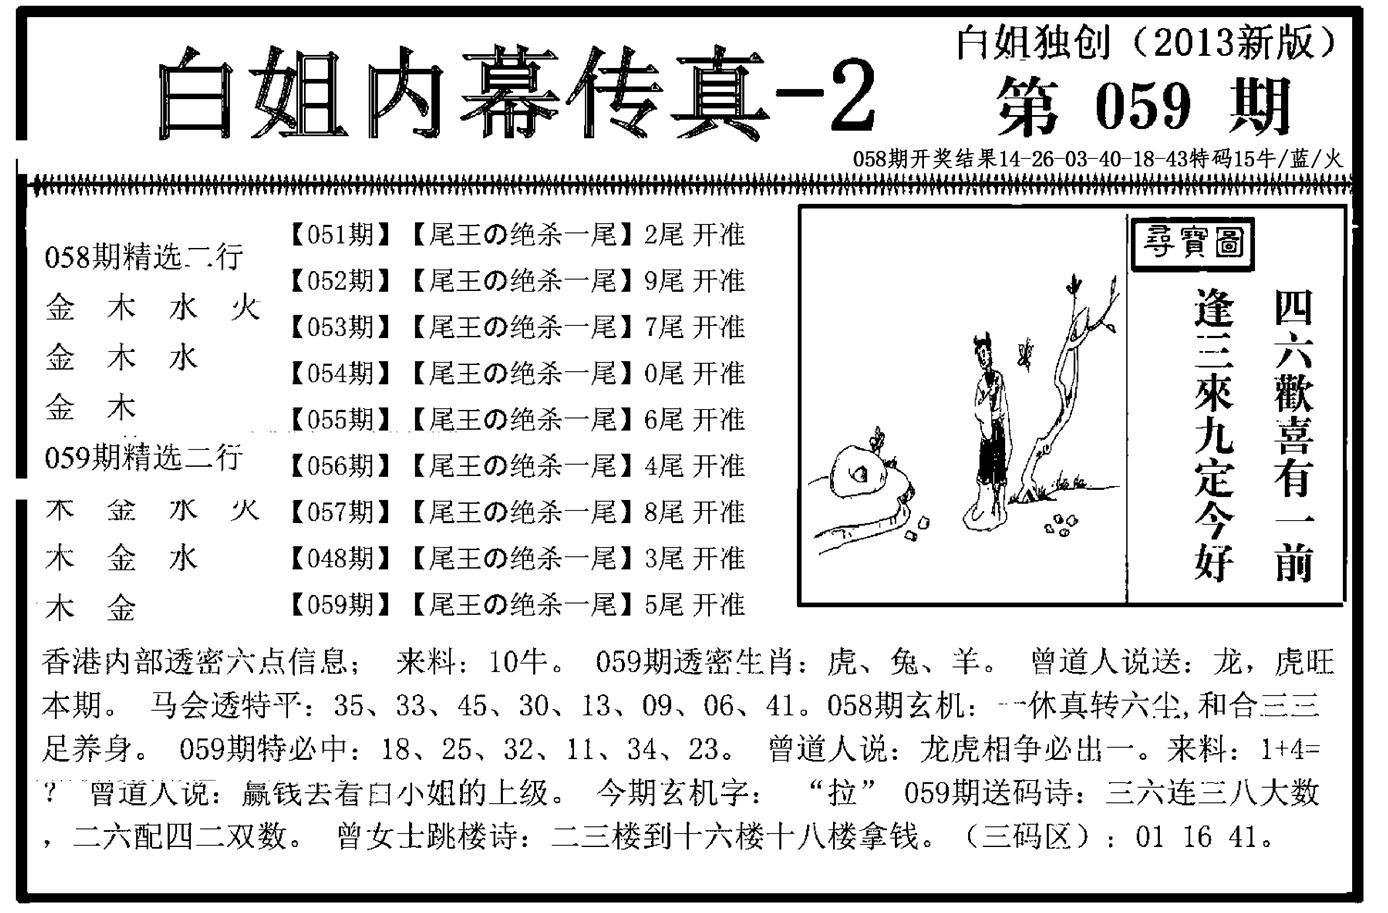 059期白姐内幕传真-2(黑白)